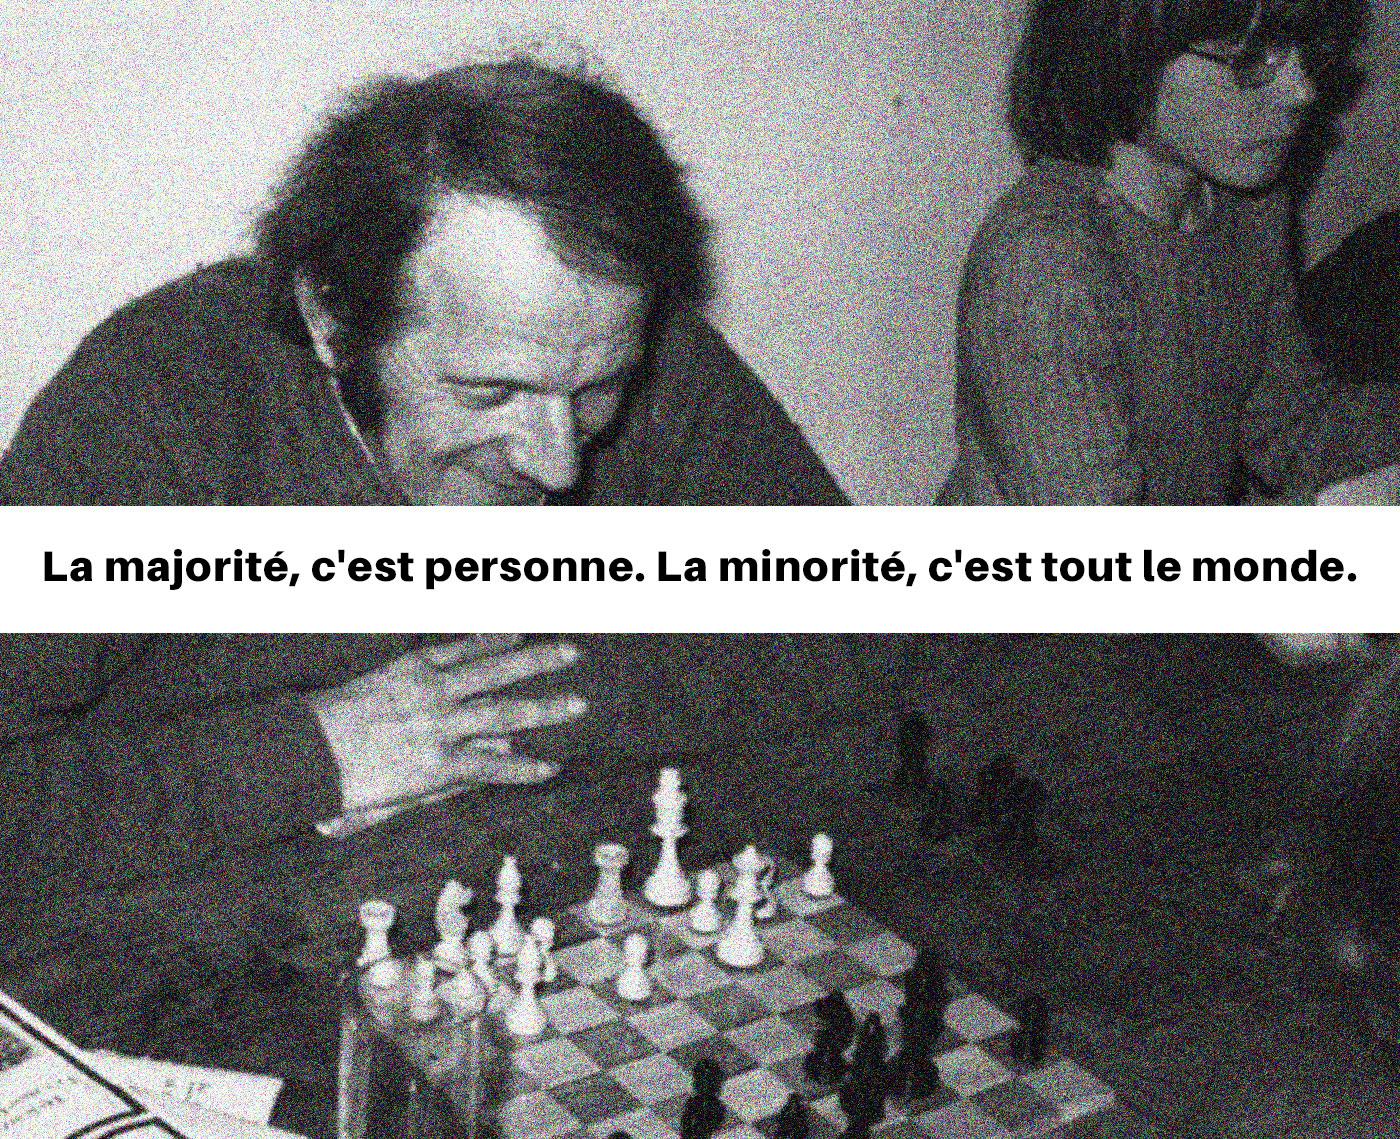 Gilles Deleuze chez Félix Guattari.